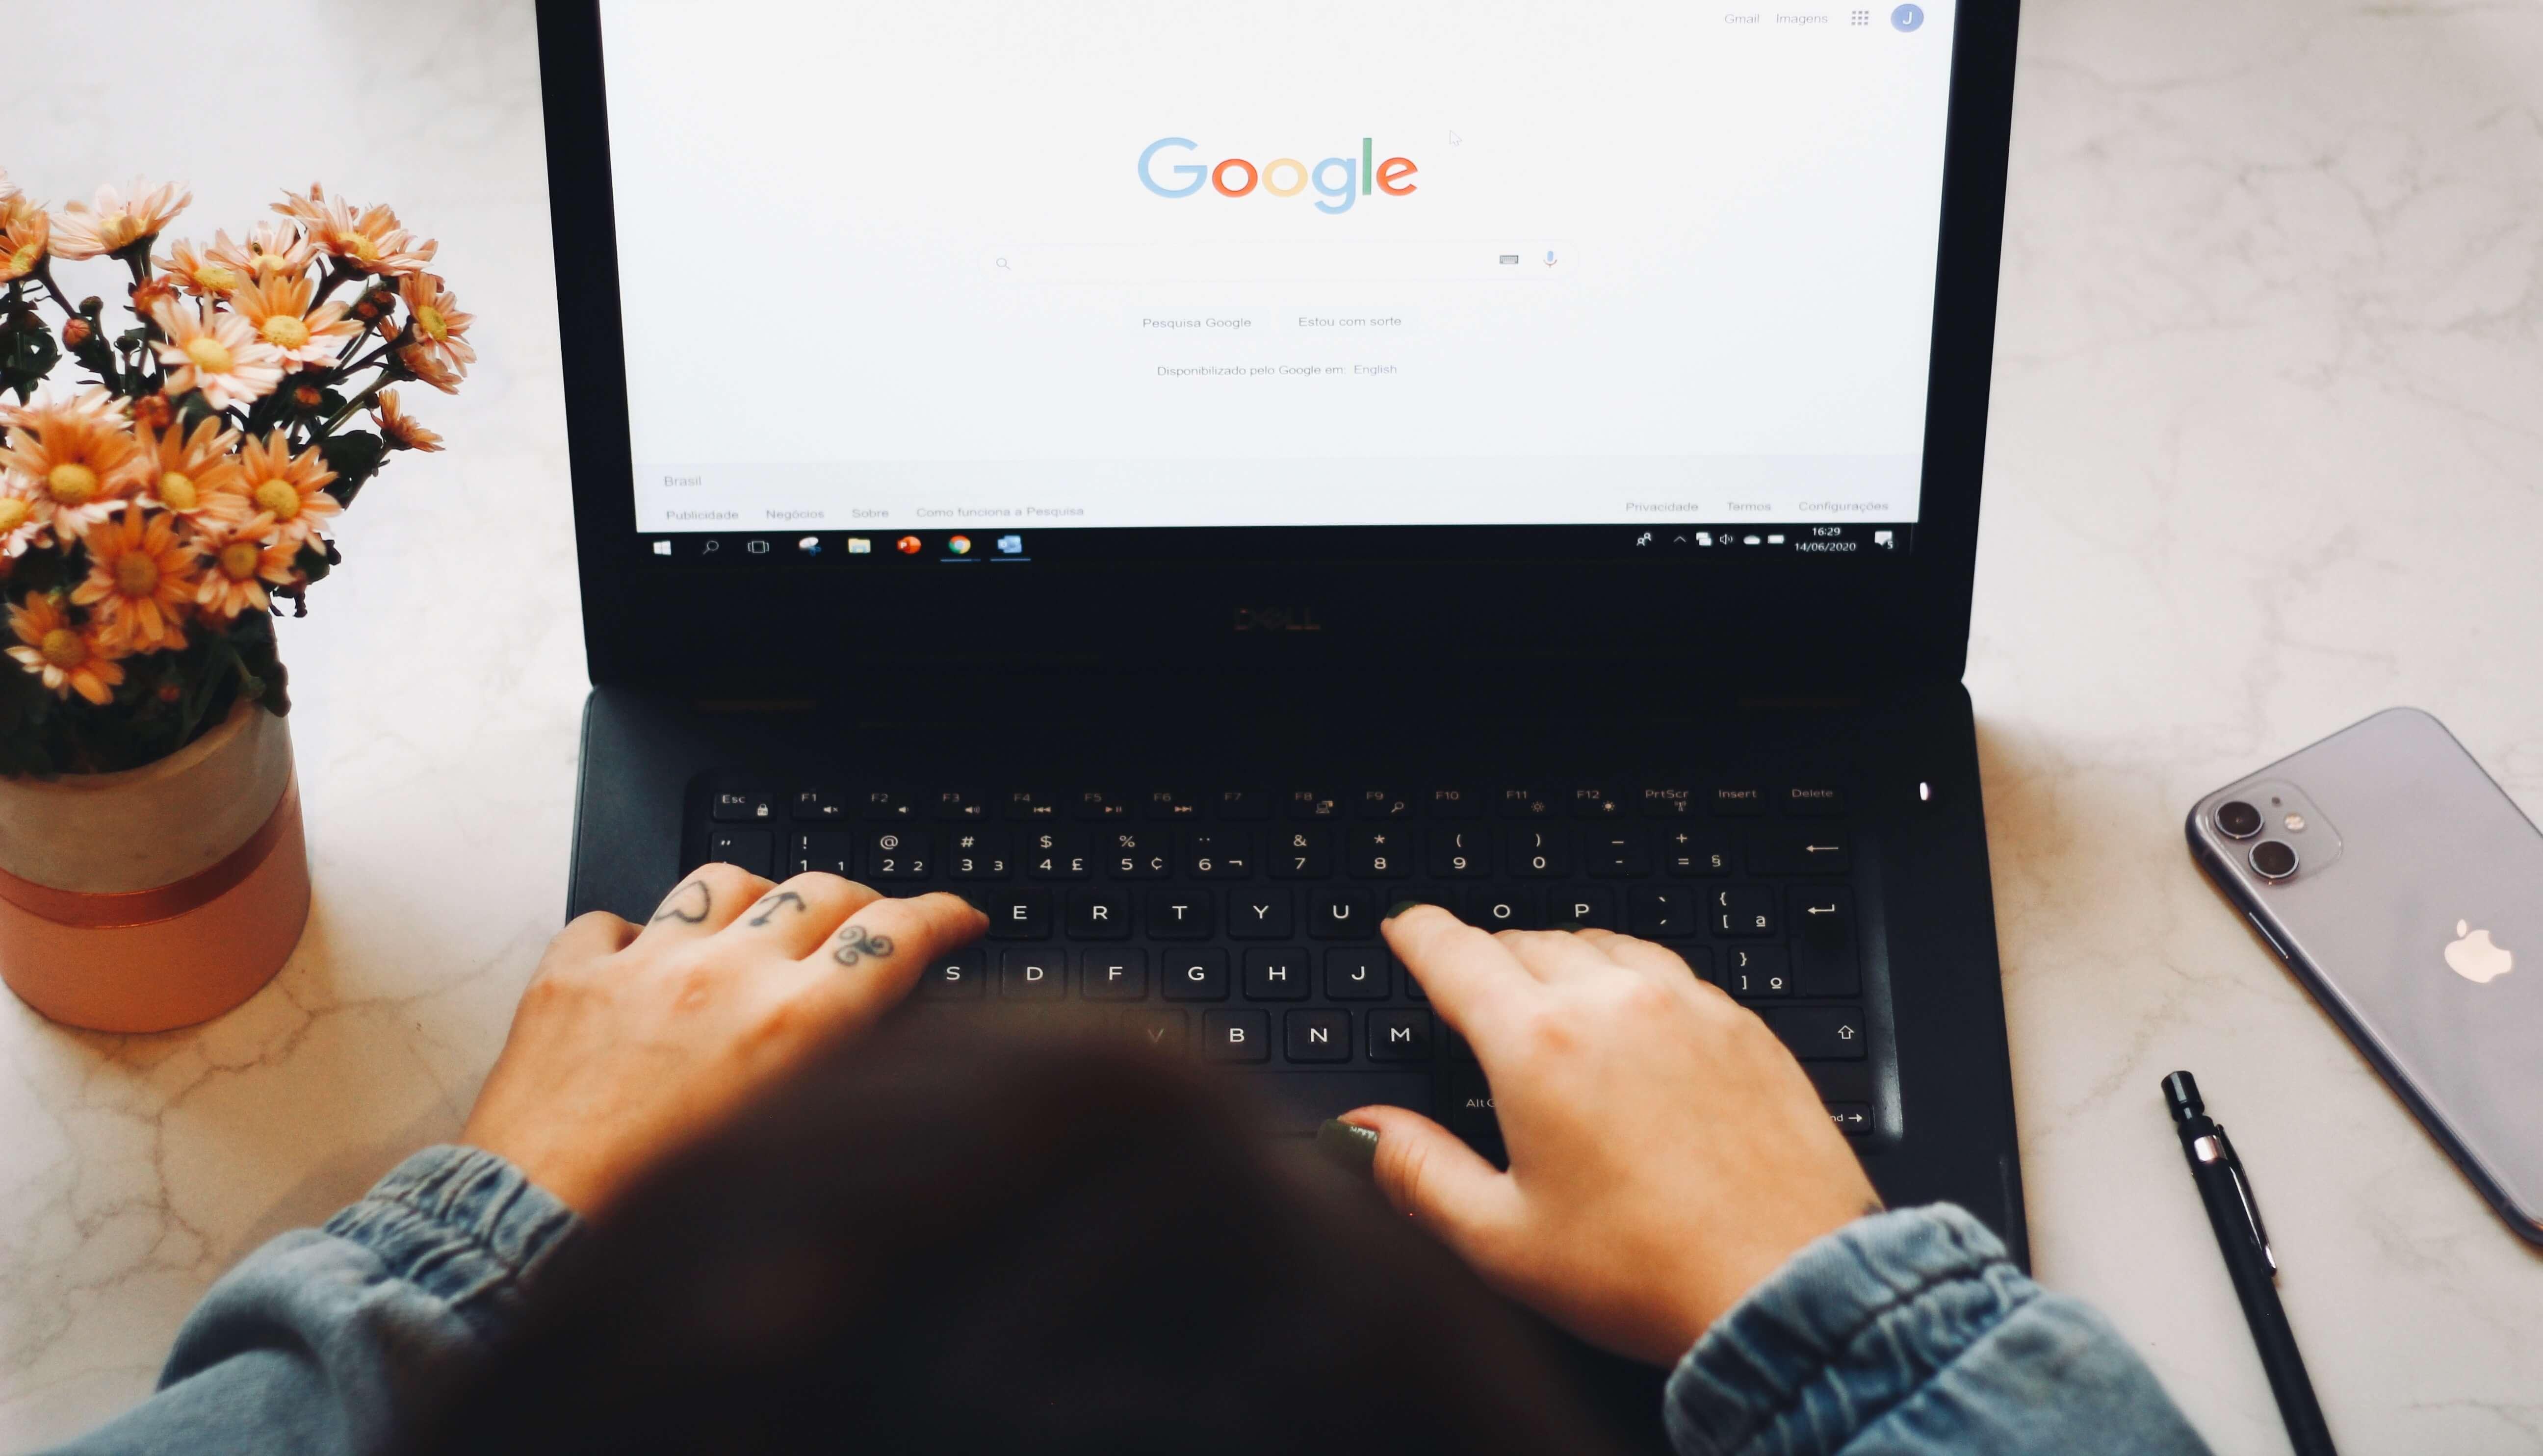 jak-szukac-w-google-szukanie-zaawansowane